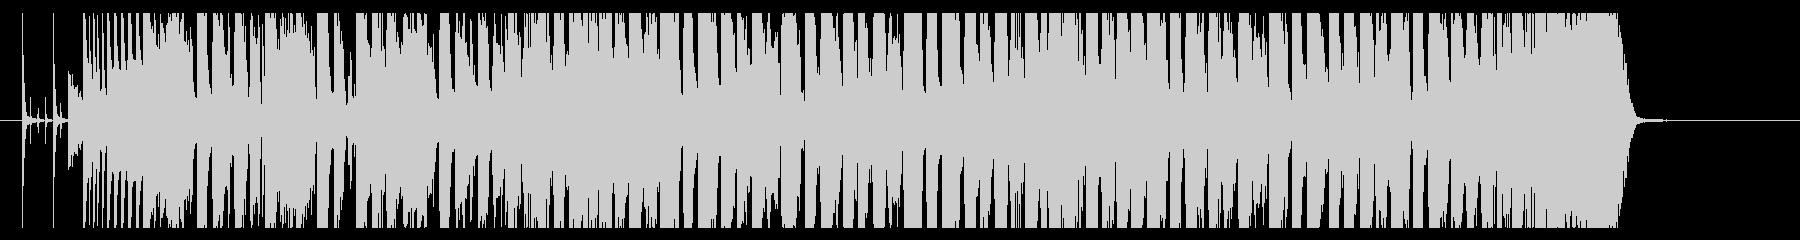 ファンク アクティブ 明るい 広い...の未再生の波形